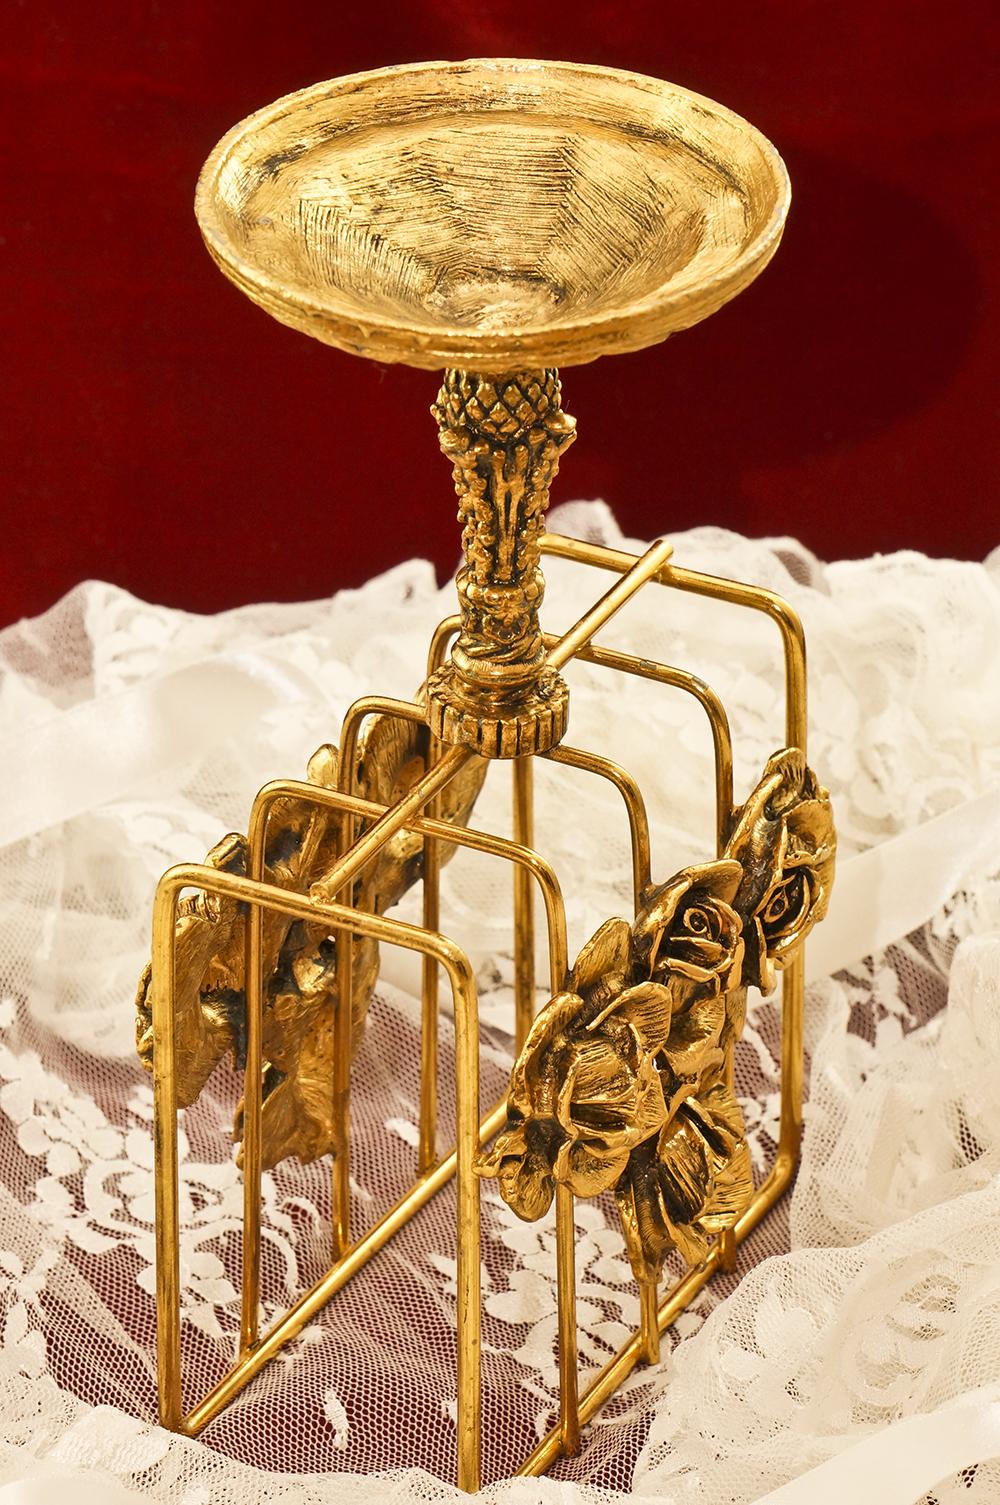 スタイルビルト製 ゴールド ローズ スタンド型 タオルホルダー 裏側